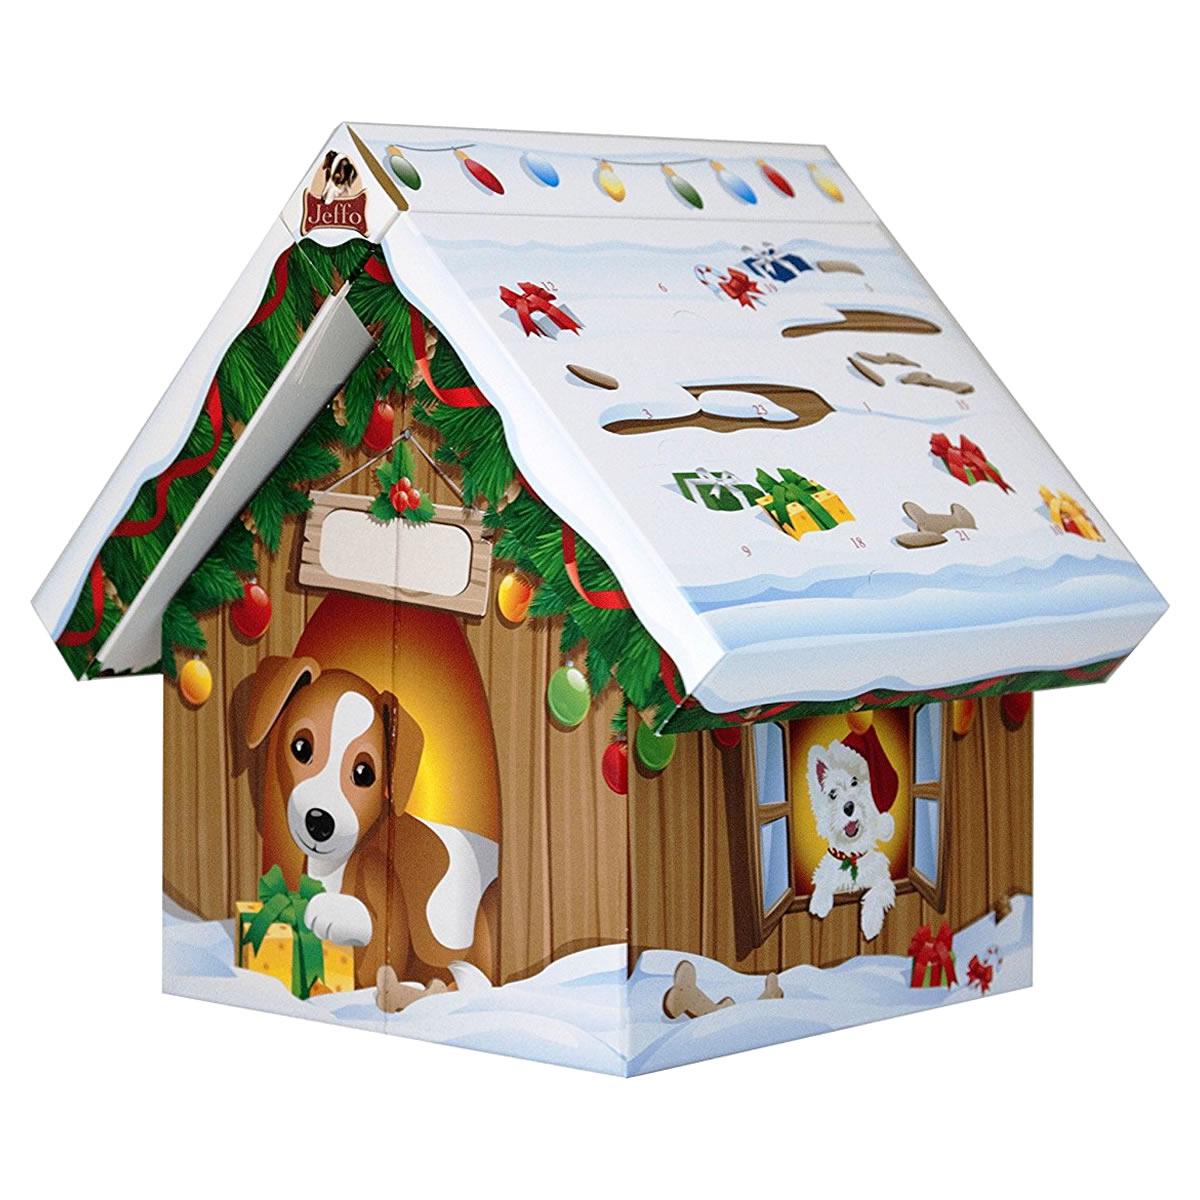 jeffos bio adventsh uschen adventskalender f r hunde. Black Bedroom Furniture Sets. Home Design Ideas